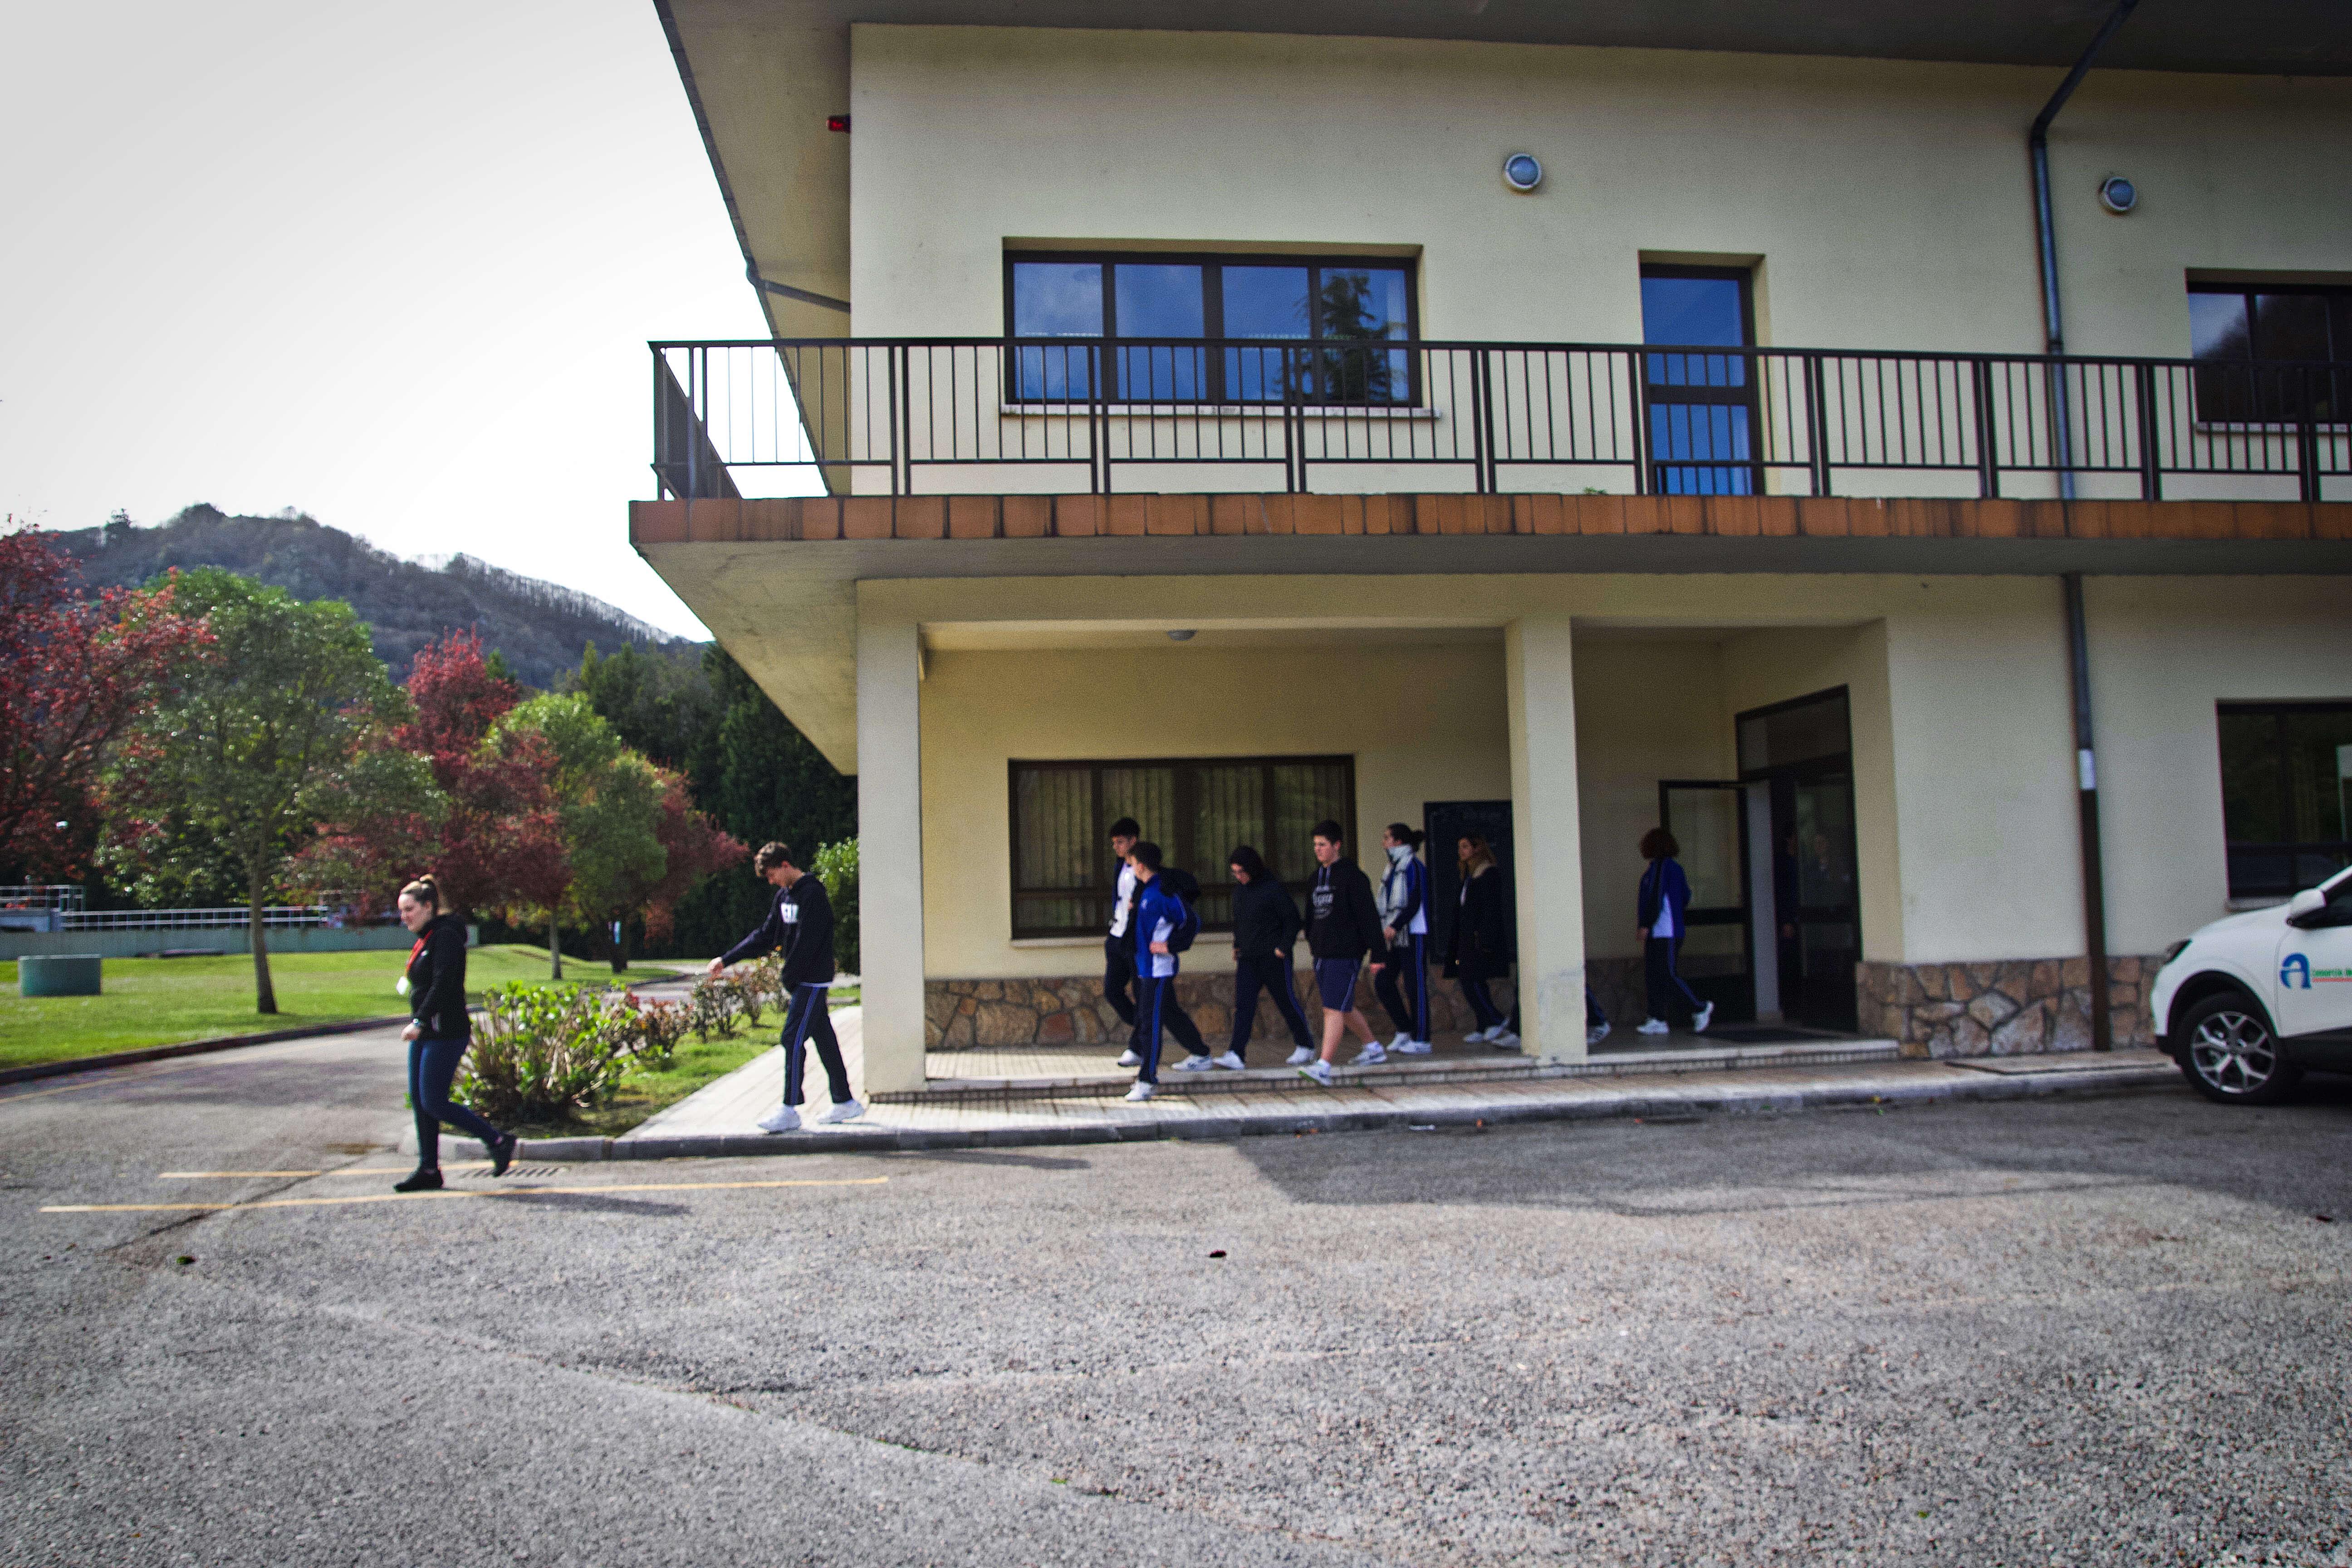 Visita Escolar Instalaciones Rioseco Y Baiña 03032020 62